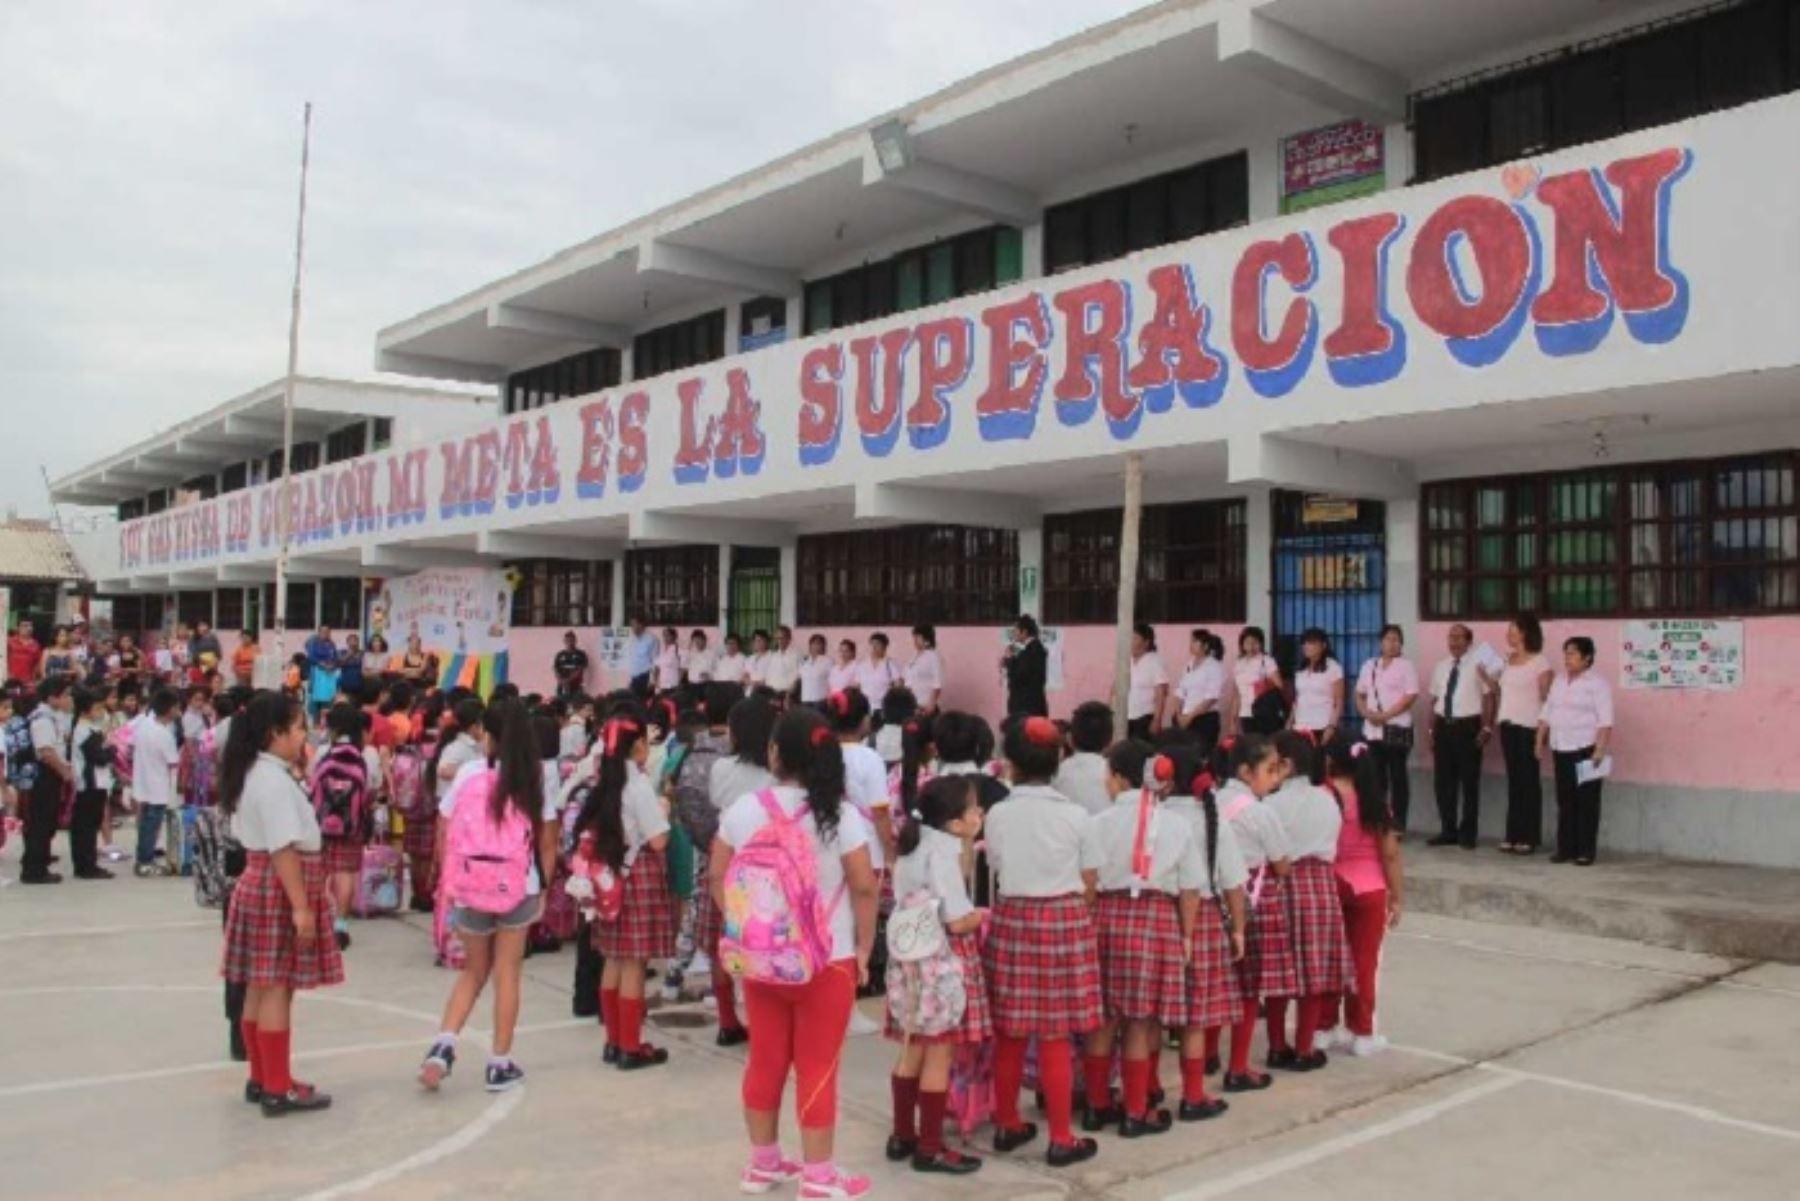 Ante los deslizamientos ocurridos y las lluvias intensas que afectaron las vías de acceso a los locales escolares, la Unidad de Gestión Educativa Local (UGEL) de la provincia de Pomabamba, en Áncash, suspendió las labores educativas entre el 25 y 29 de marzo, retomándose estas a partir del 1 de abril, a fin de salvaguardar la integridad de alumnos y docentes.ANDINA/Difusión